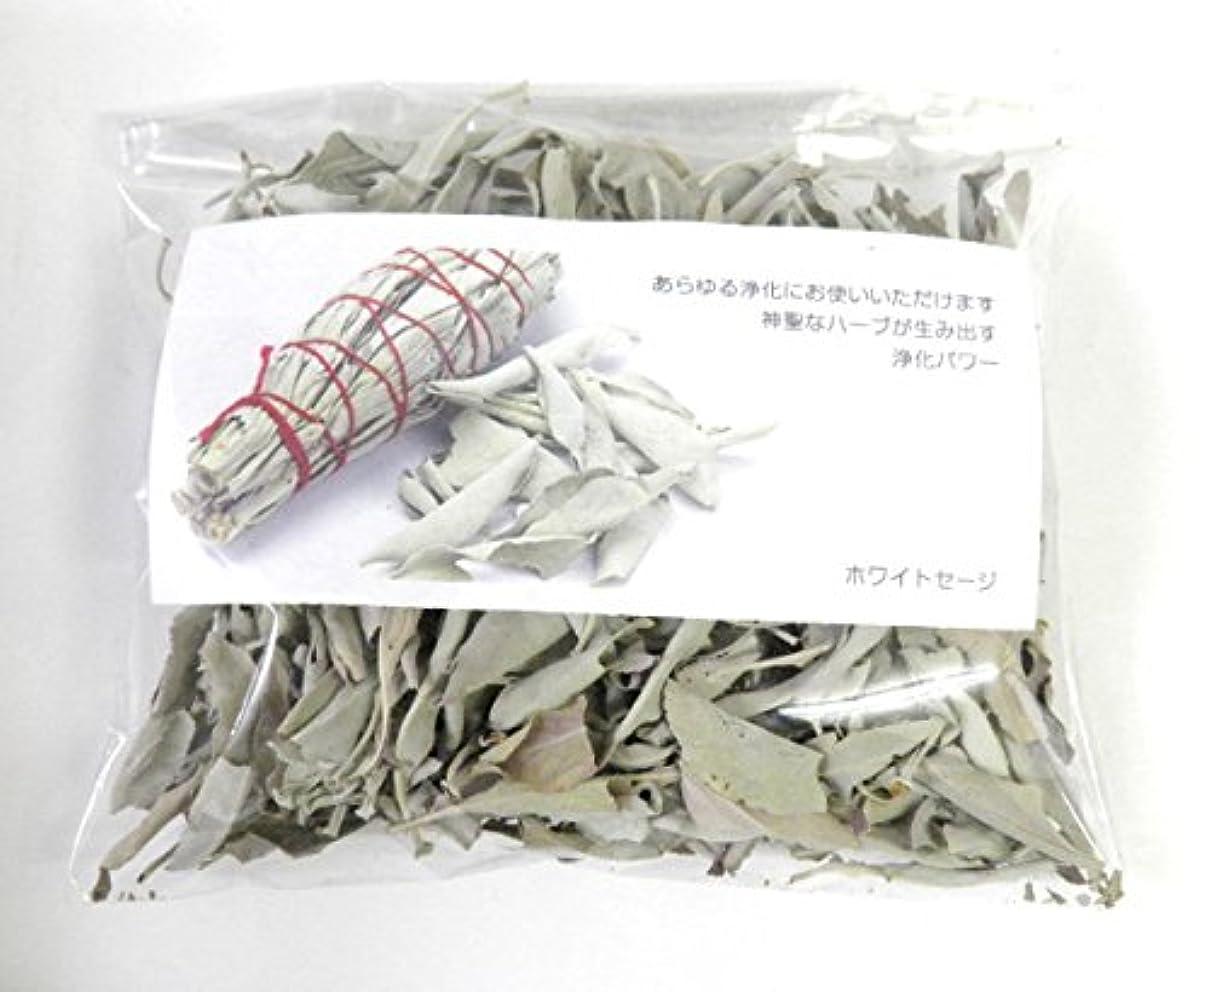 ズボン発明果てしないホワイトセージ リーフのみ 約100g 浄化用 オーガニック 無農薬 お香 プロ用 パワーストーン